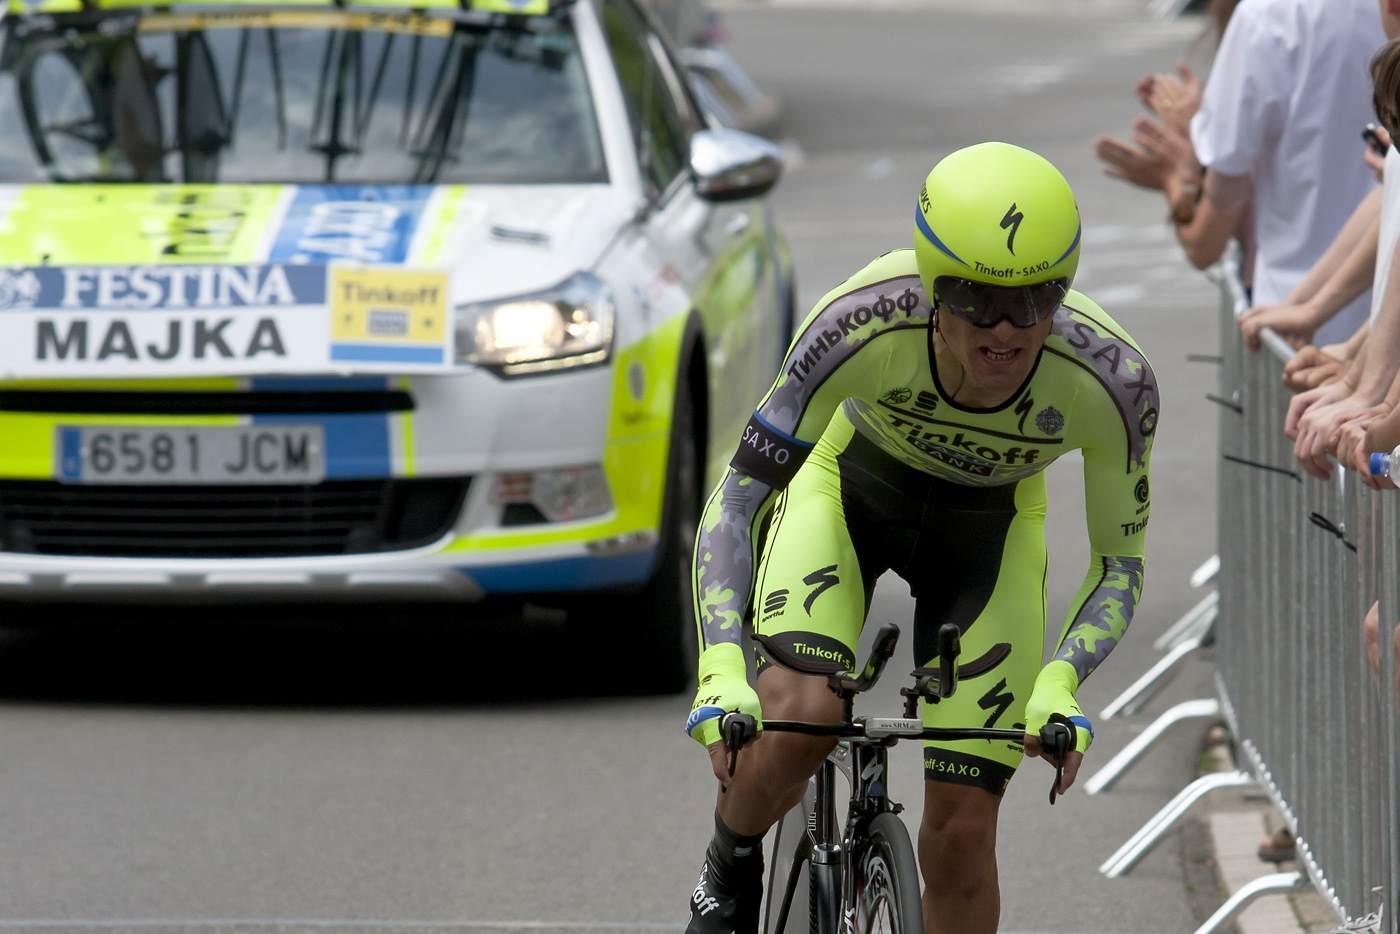 tour france 2015 pictures6 Tour de France 2015 in Pictures